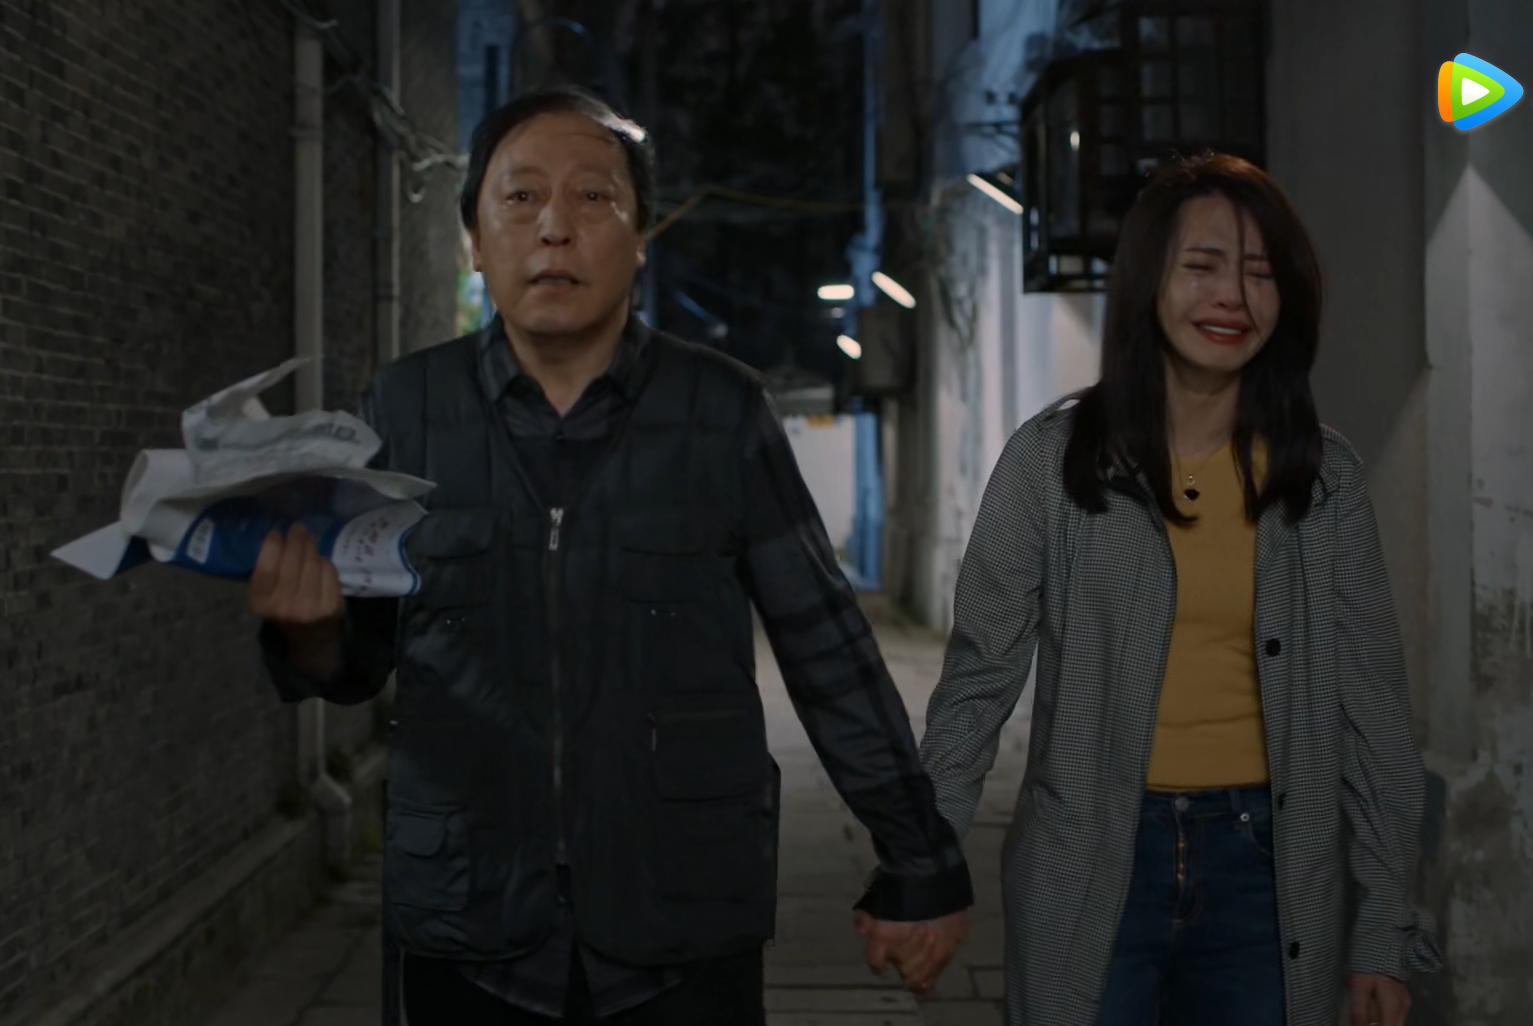 《都挺好》温暖结局,倪大红演技炸裂,苏大强最后赚足观众泪水